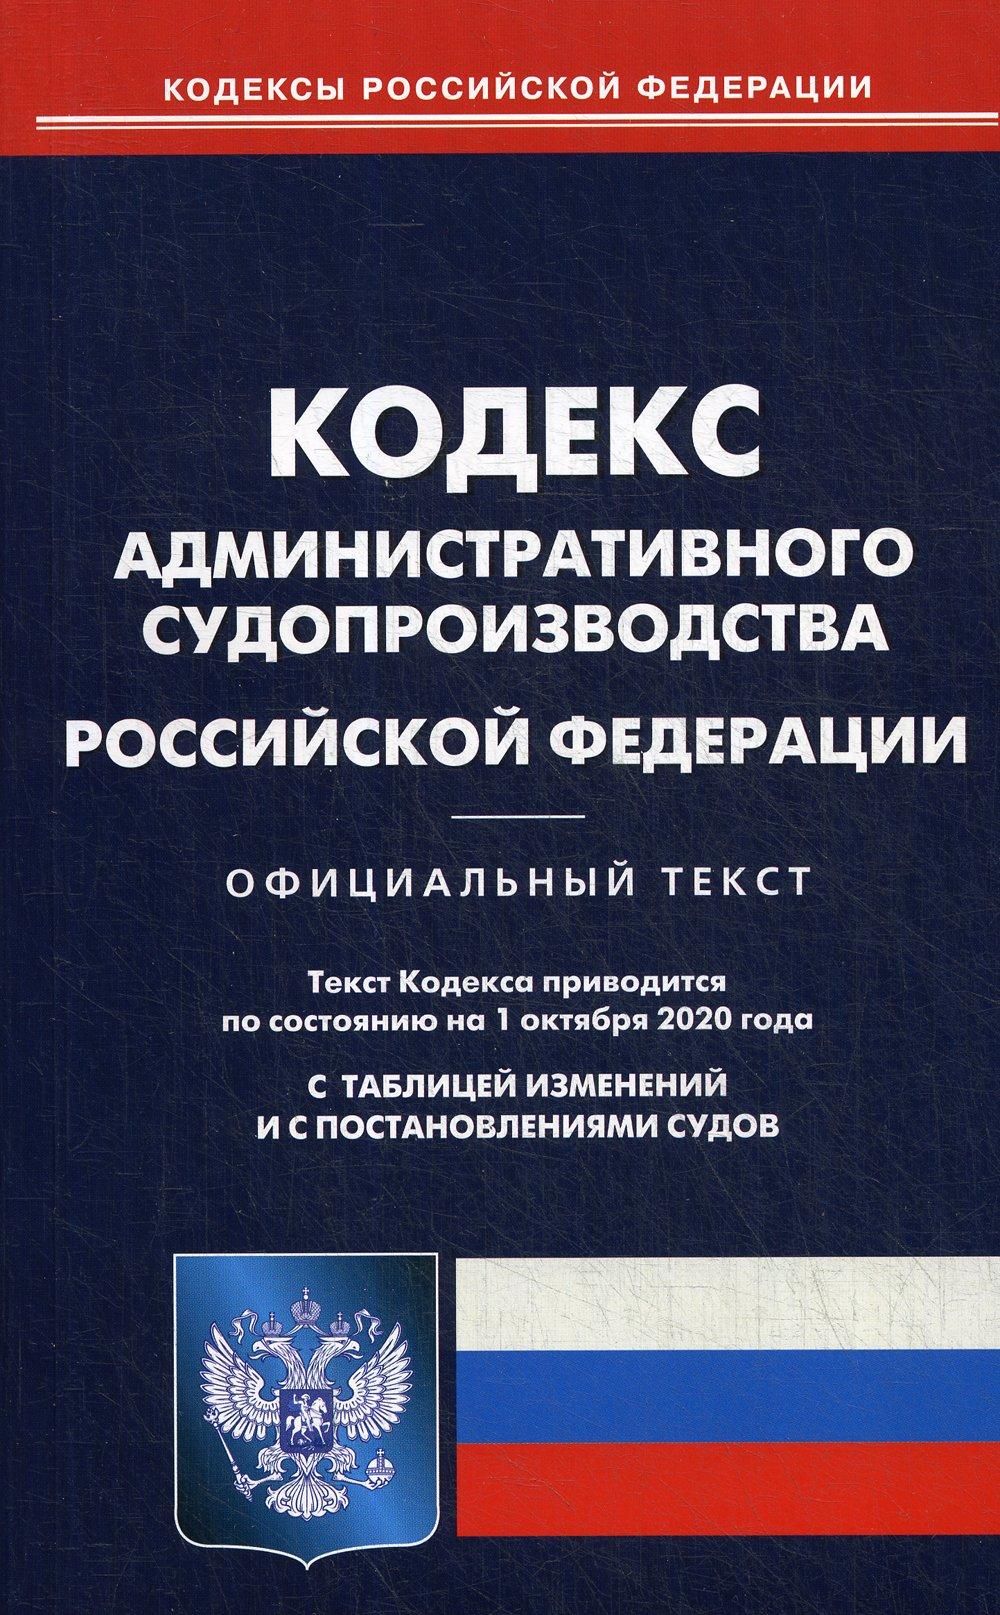 Кодекс административного судопроизводства РФ (по состоянию на 01.10.2020)